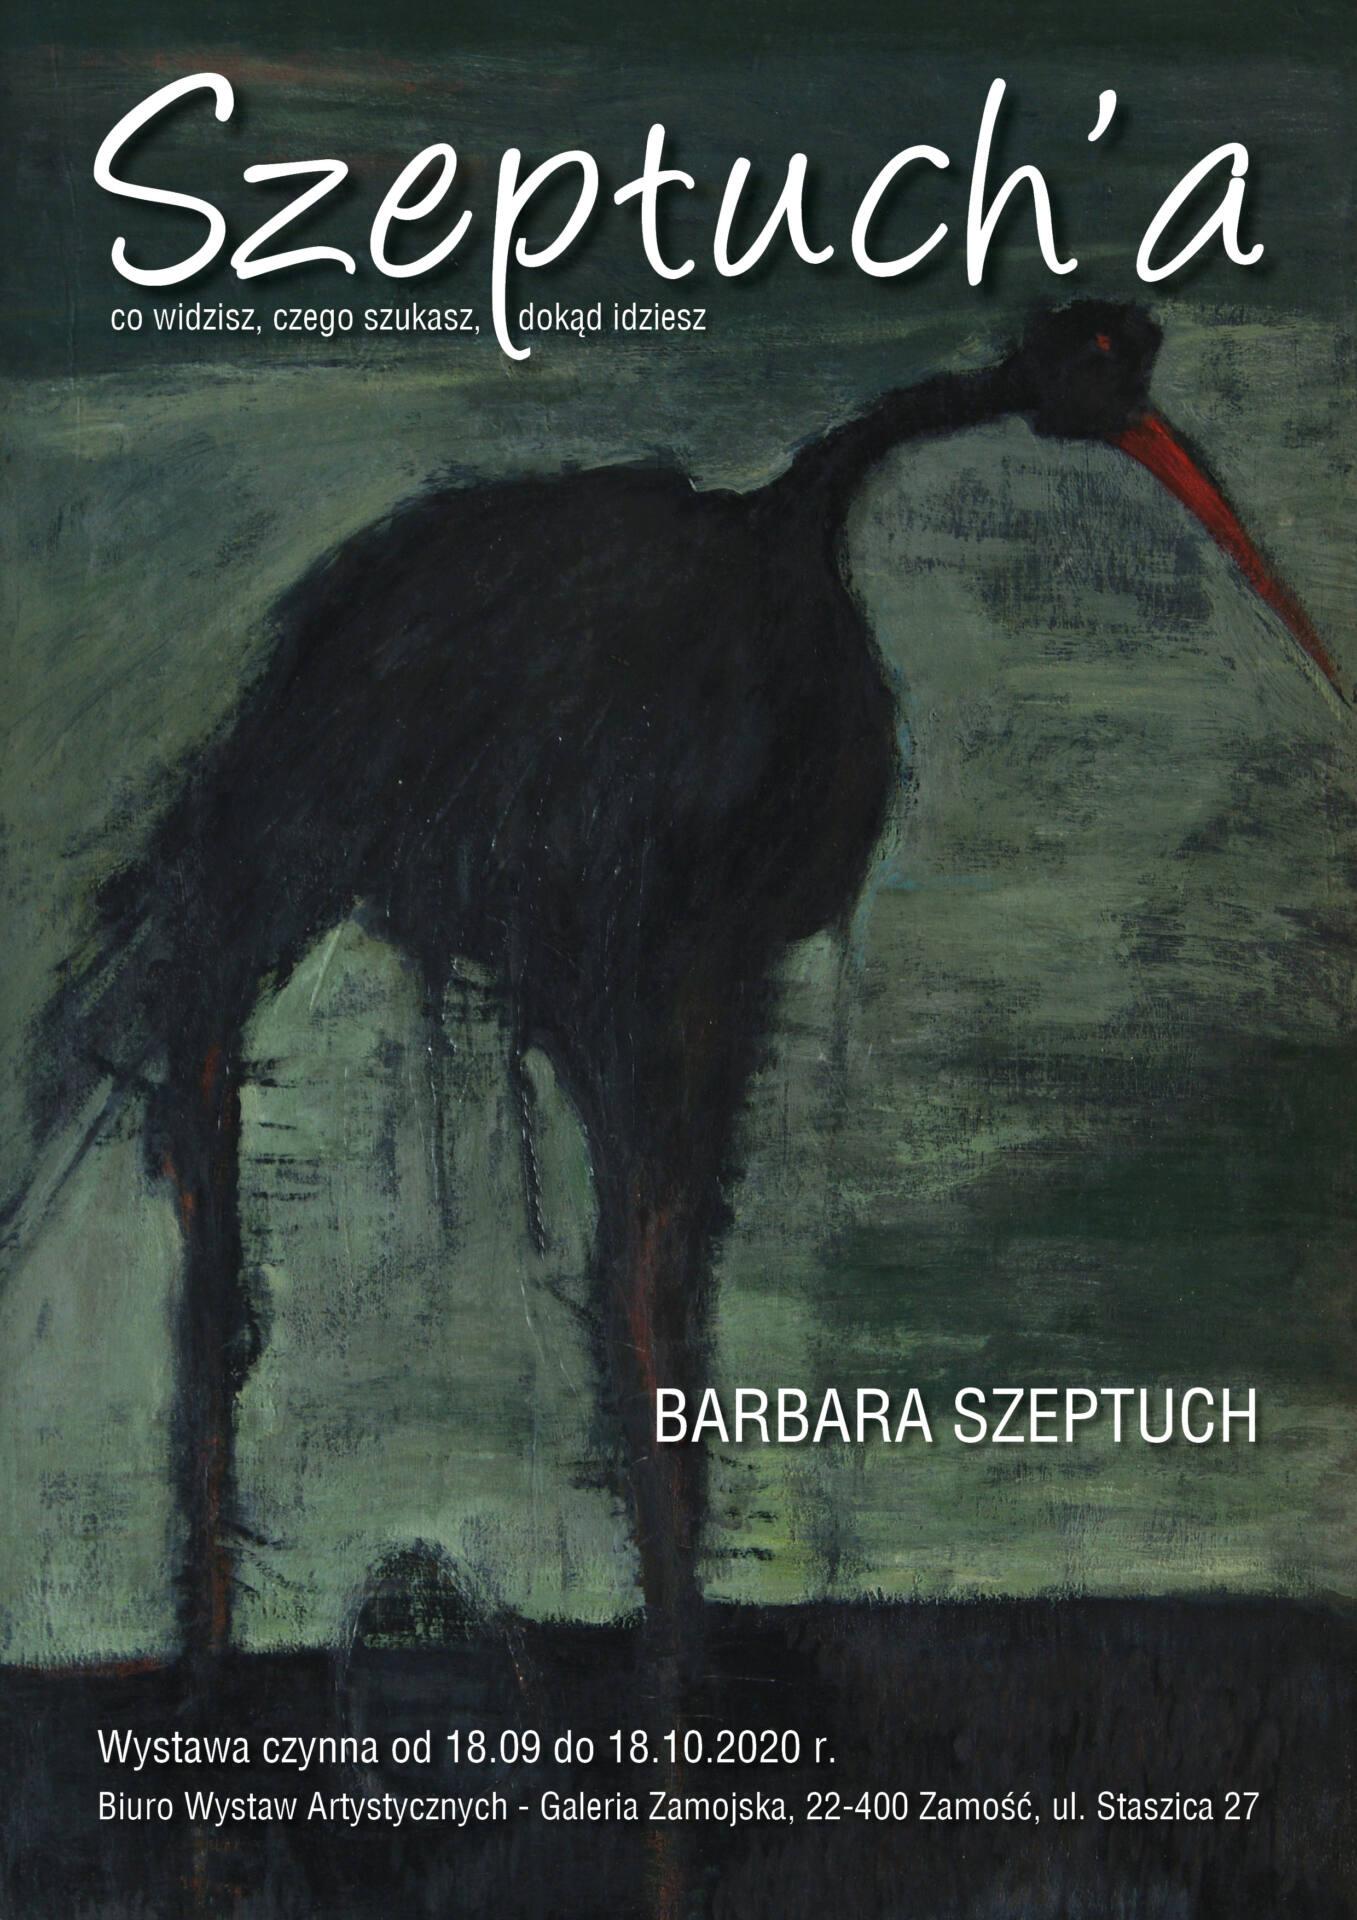 plakaty BWA Galeria Zamojska zaprasza na spotkanie z Barbarą Szeptuch